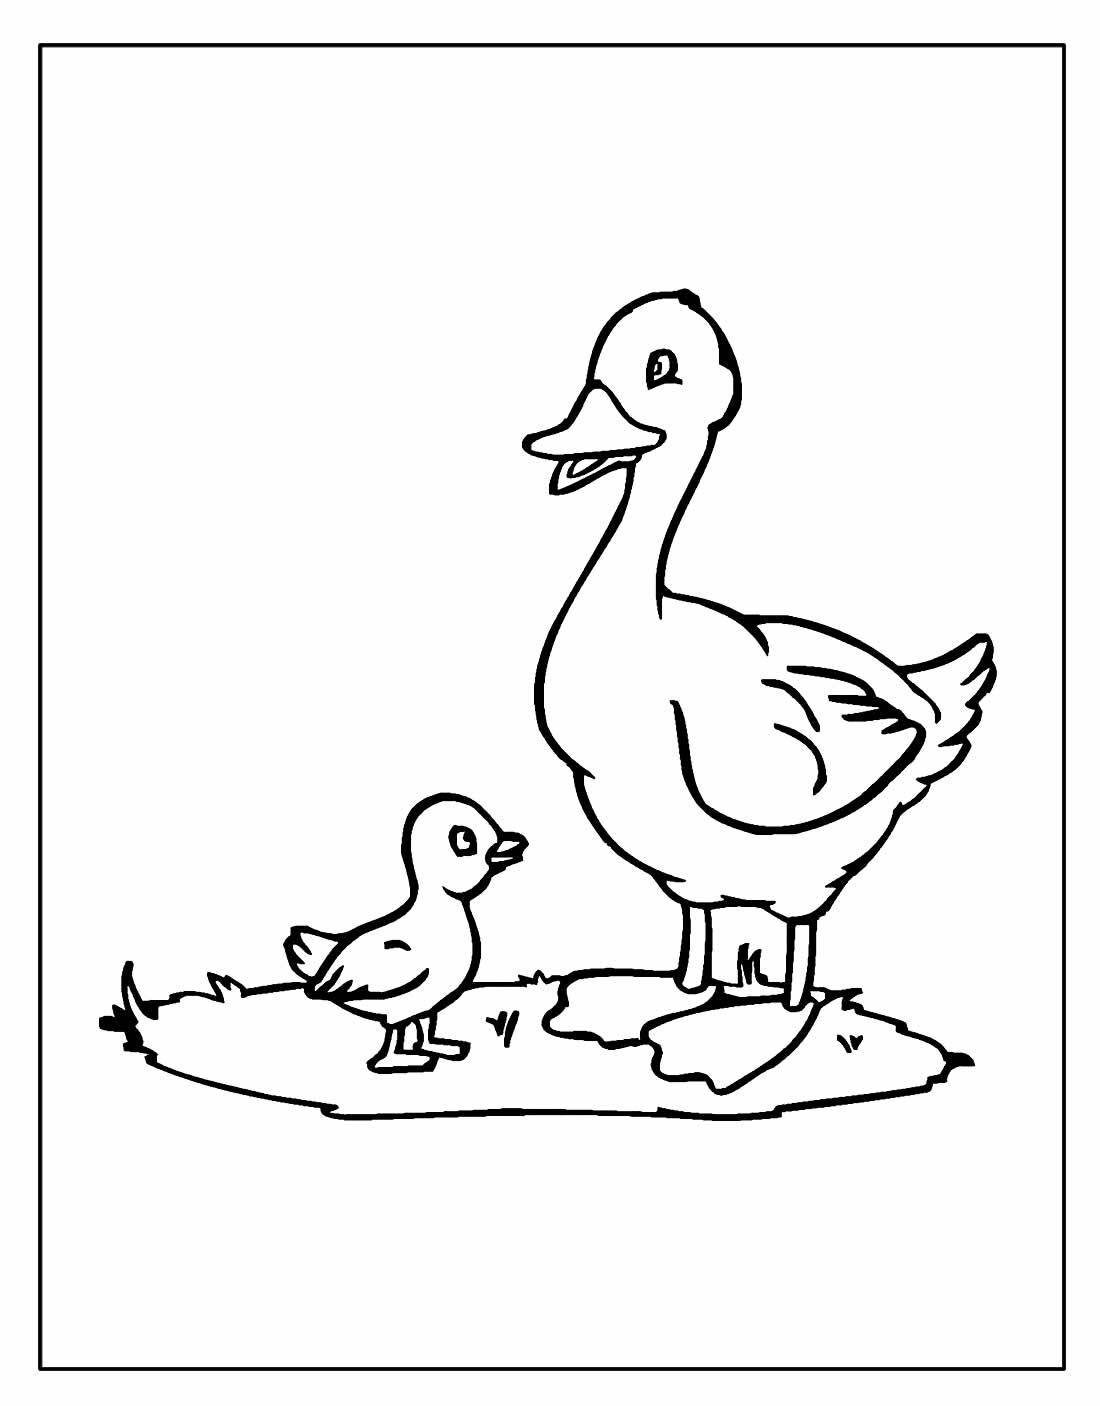 Desenhos para colorir de Pato